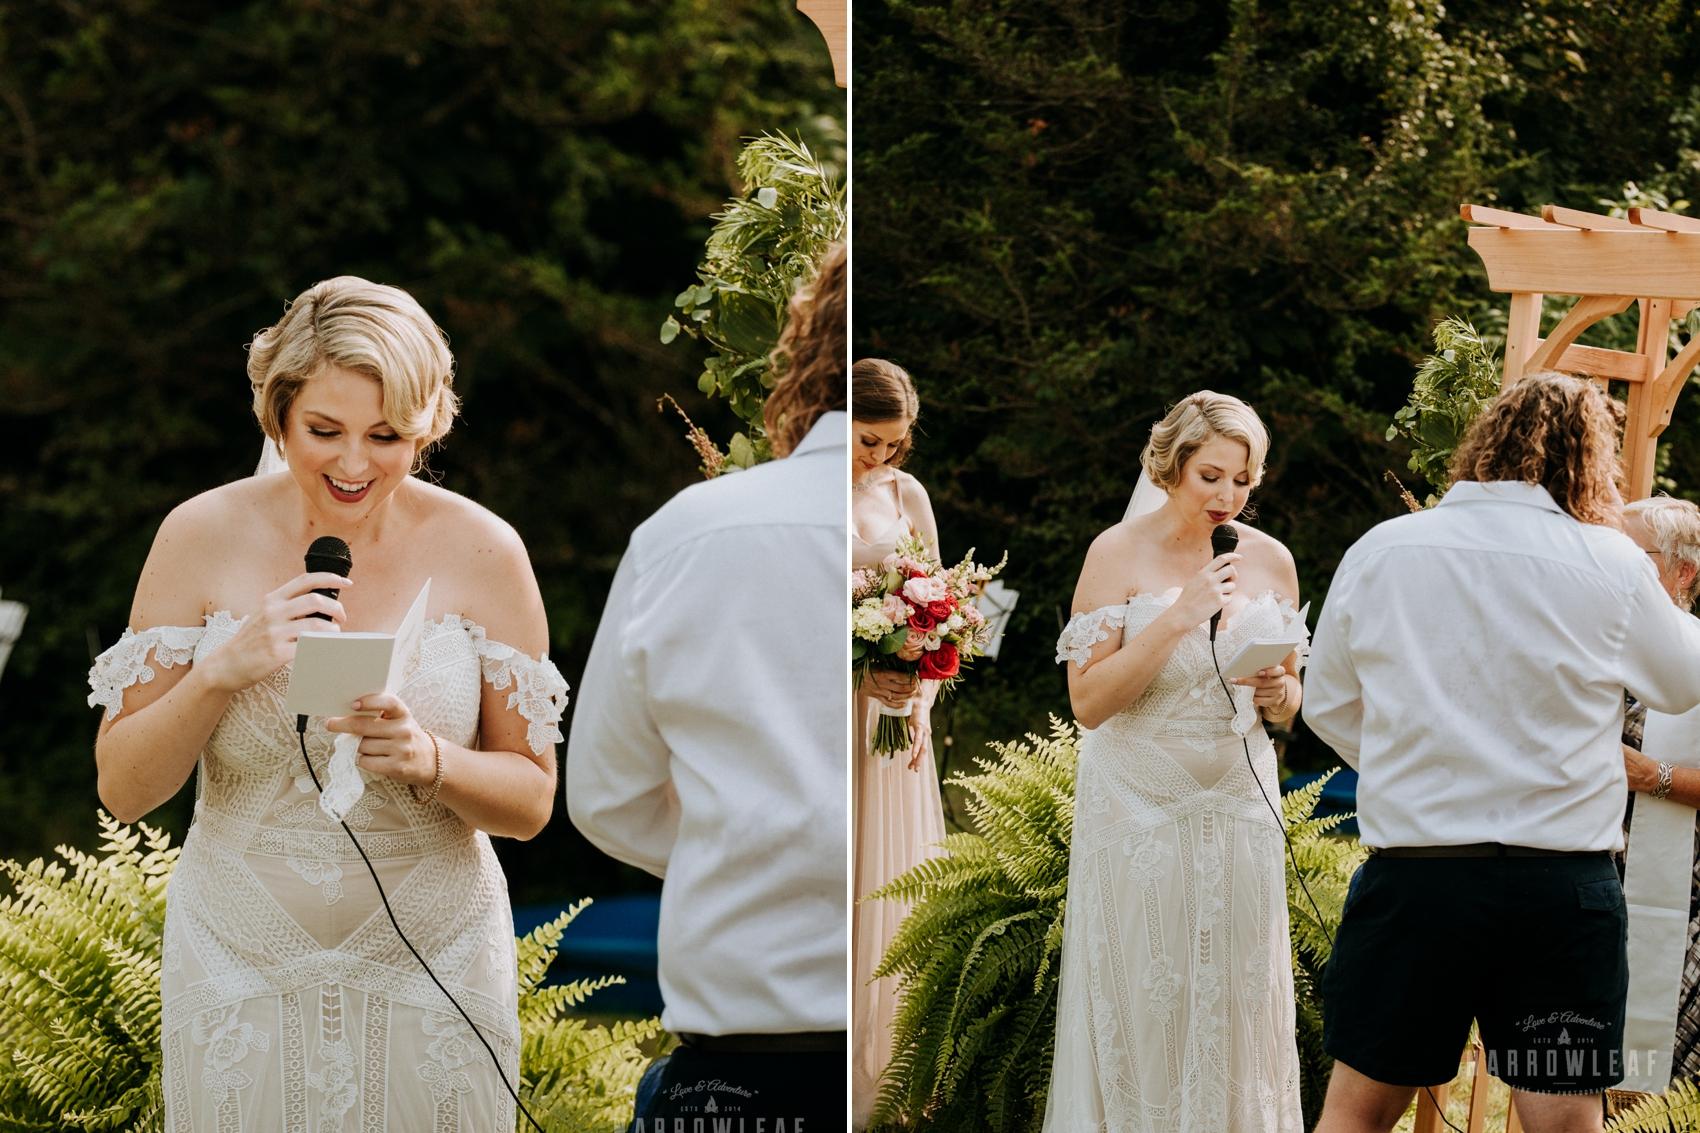 intimate-wisconsin-outdoor-wedding-photographer-011-012.jpg